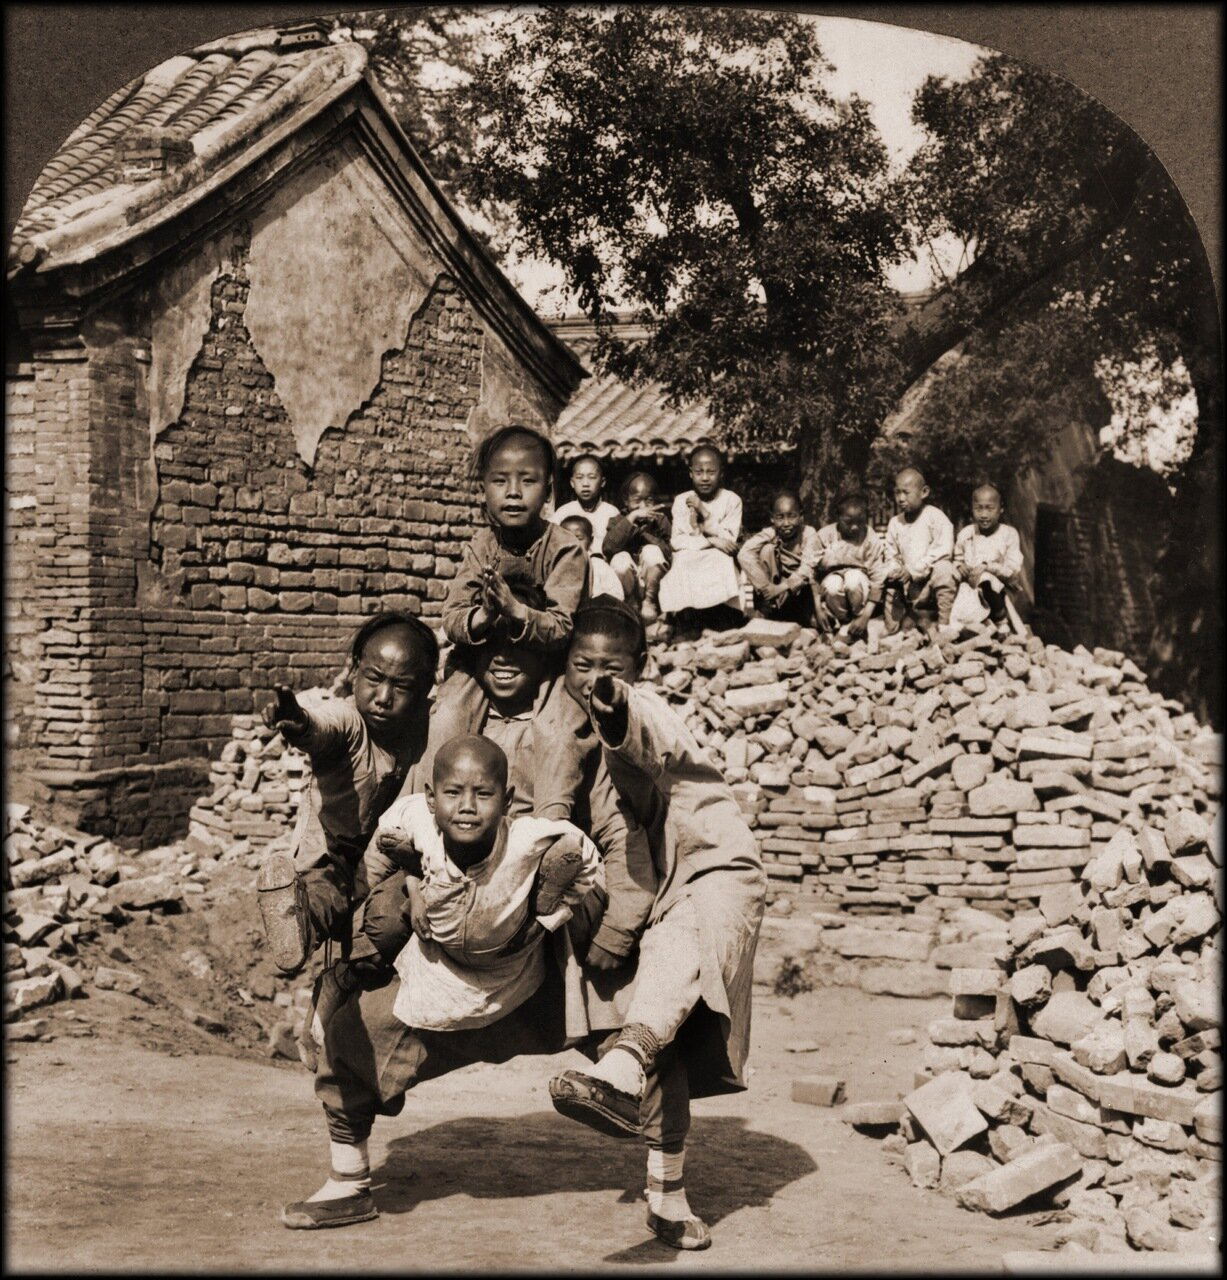 1902. Ученики миссионерской школы играют, изображая голову дракона. Пекин